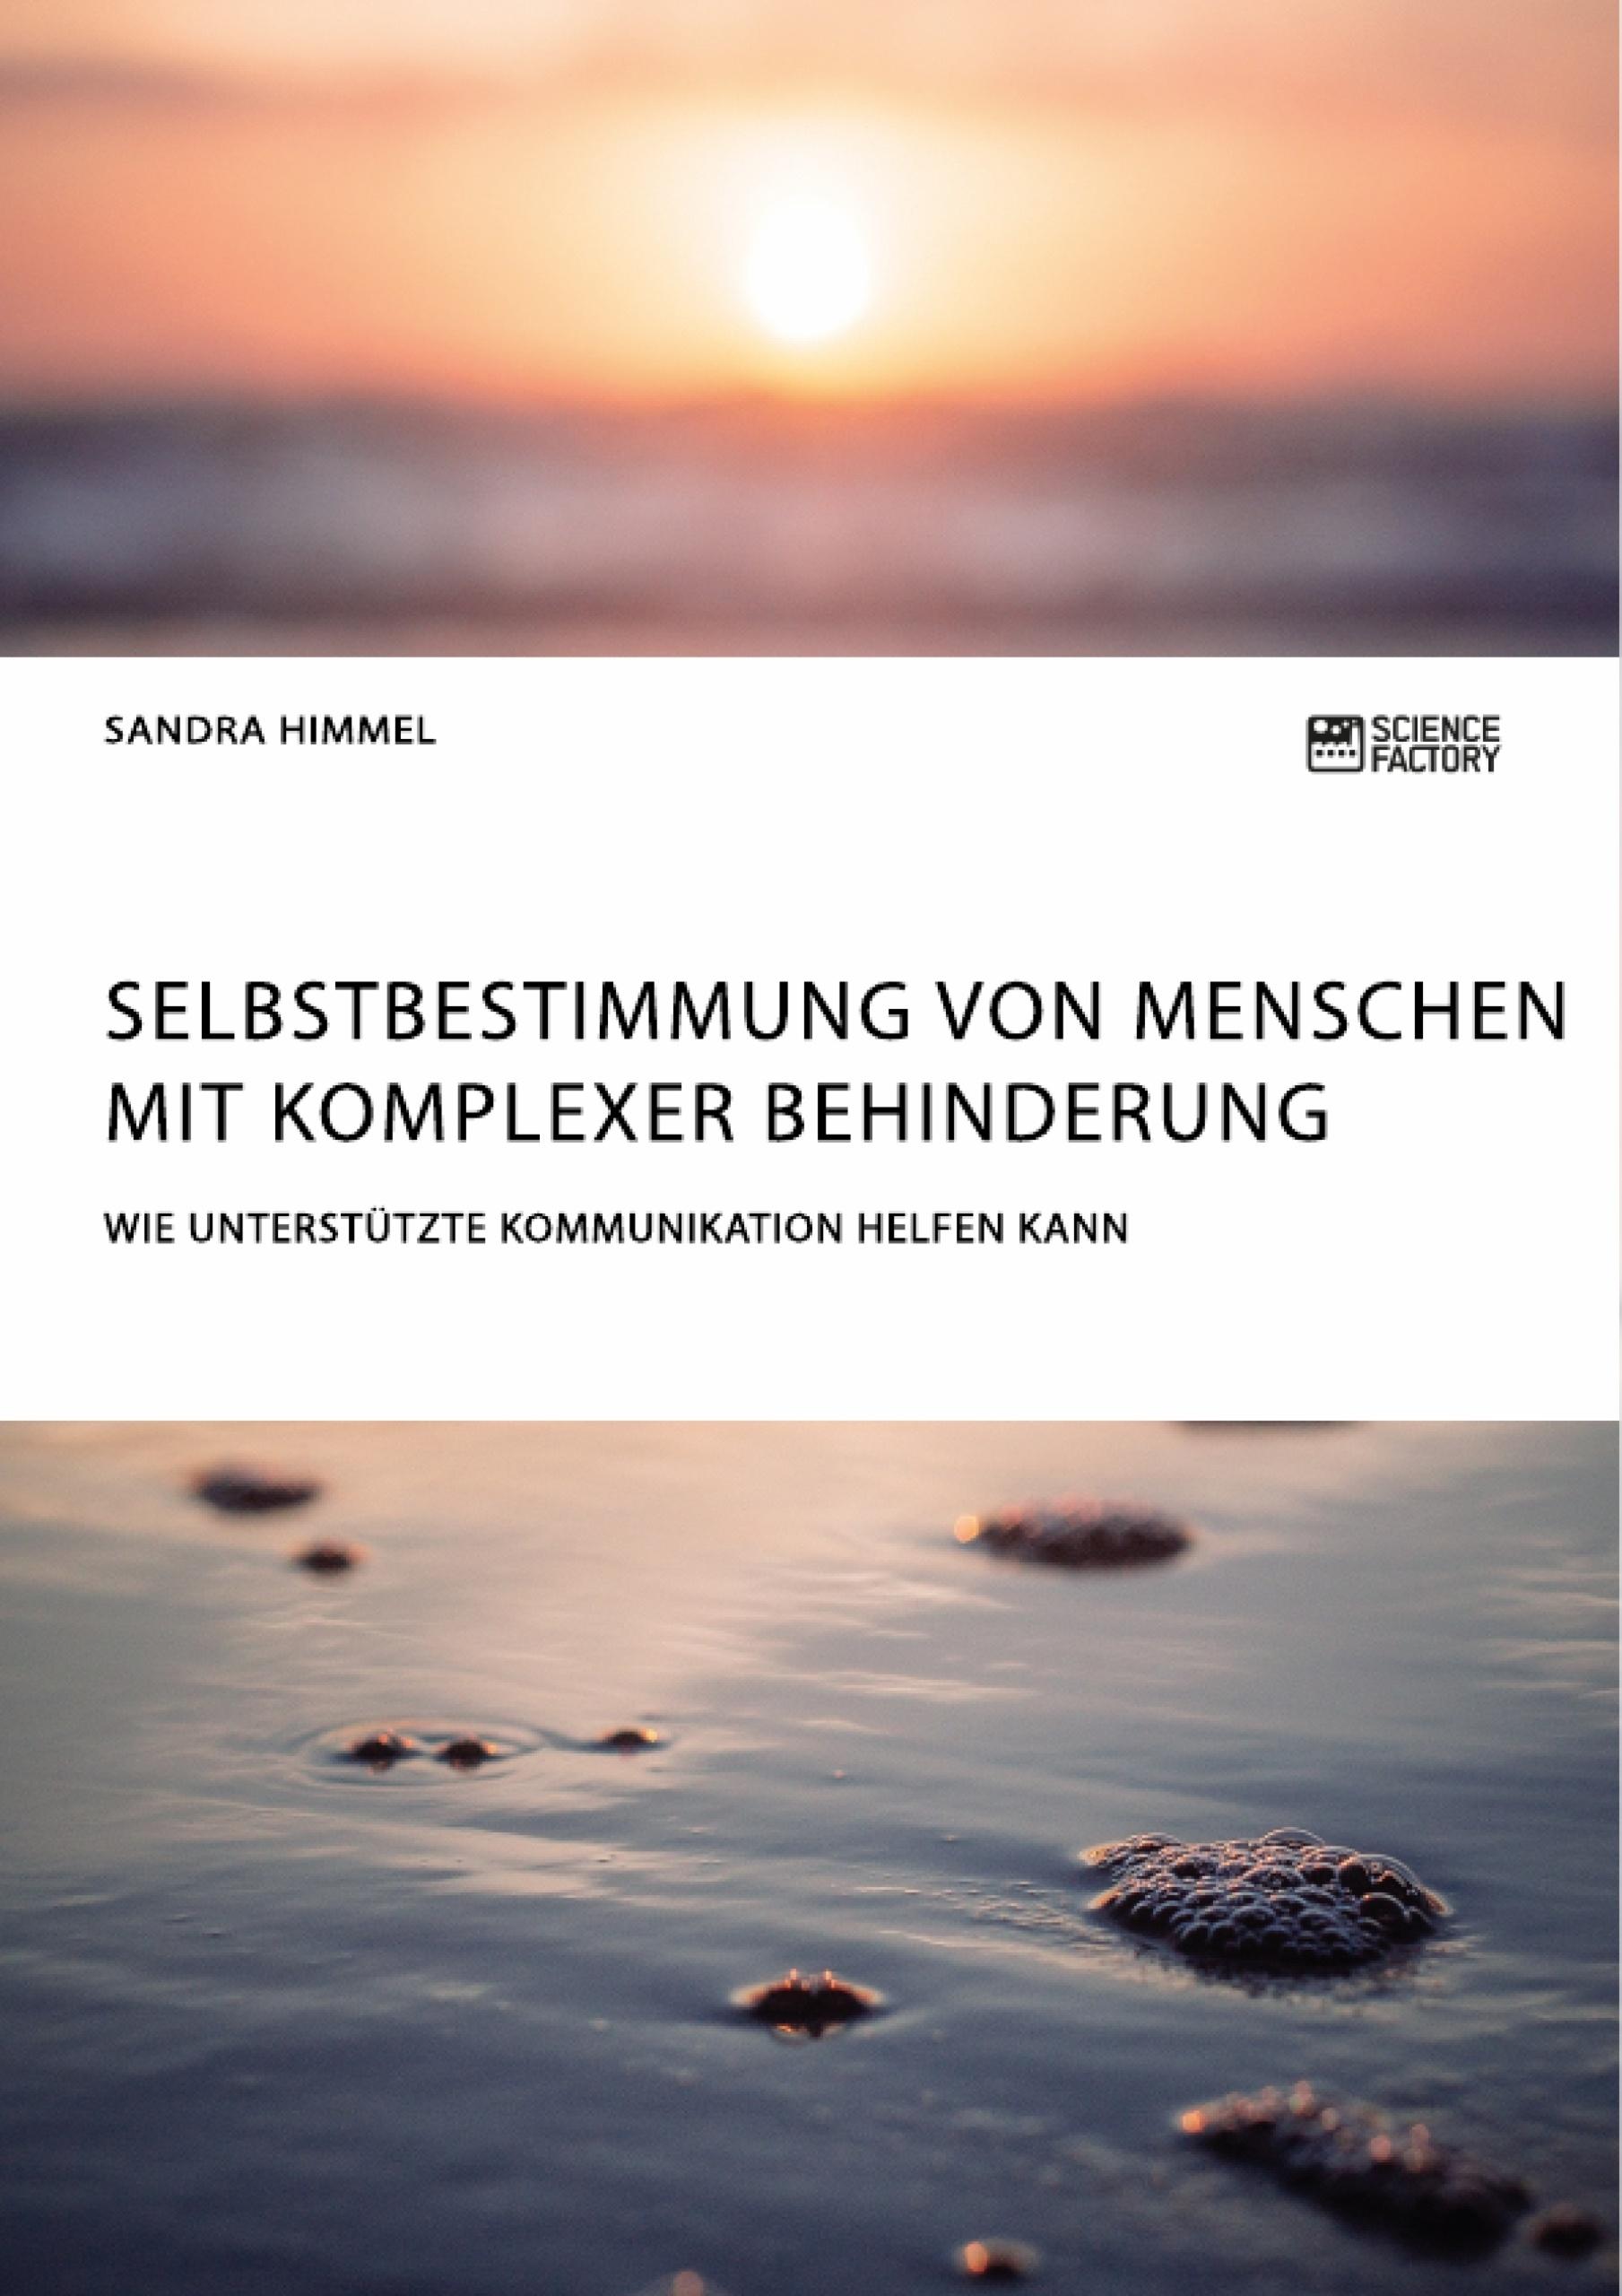 Titel: Selbstbestimmung von Menschen mit komplexer Behinderung. Wie Unterstützte Kommunikation helfen kann